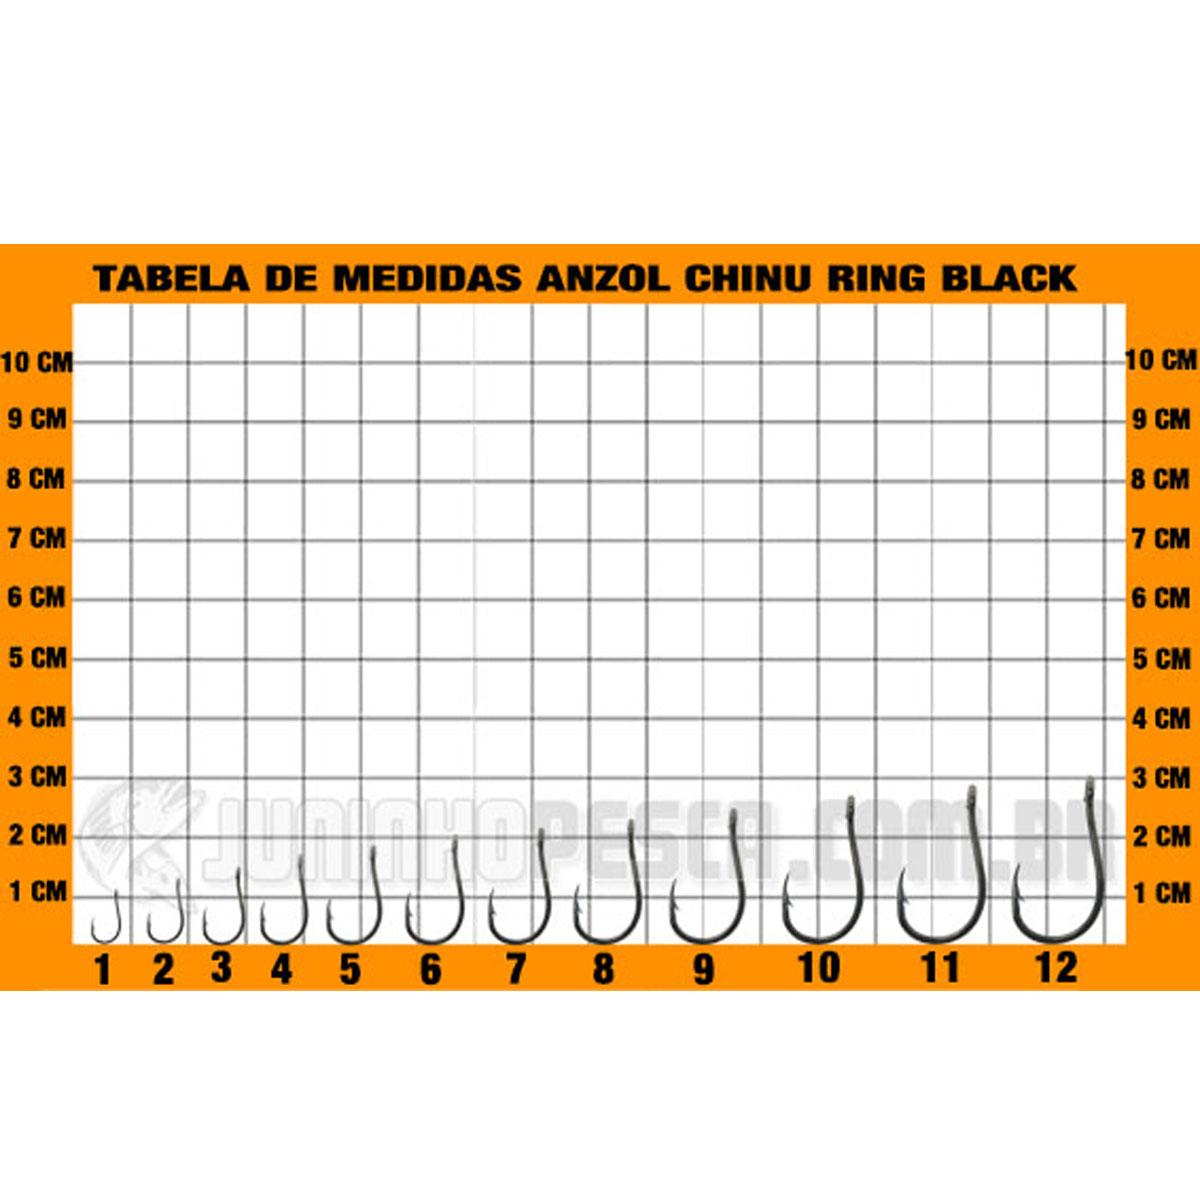 Anzol Pinnacle Chinu Ring Black nº 09  - Pró Pesca Shop